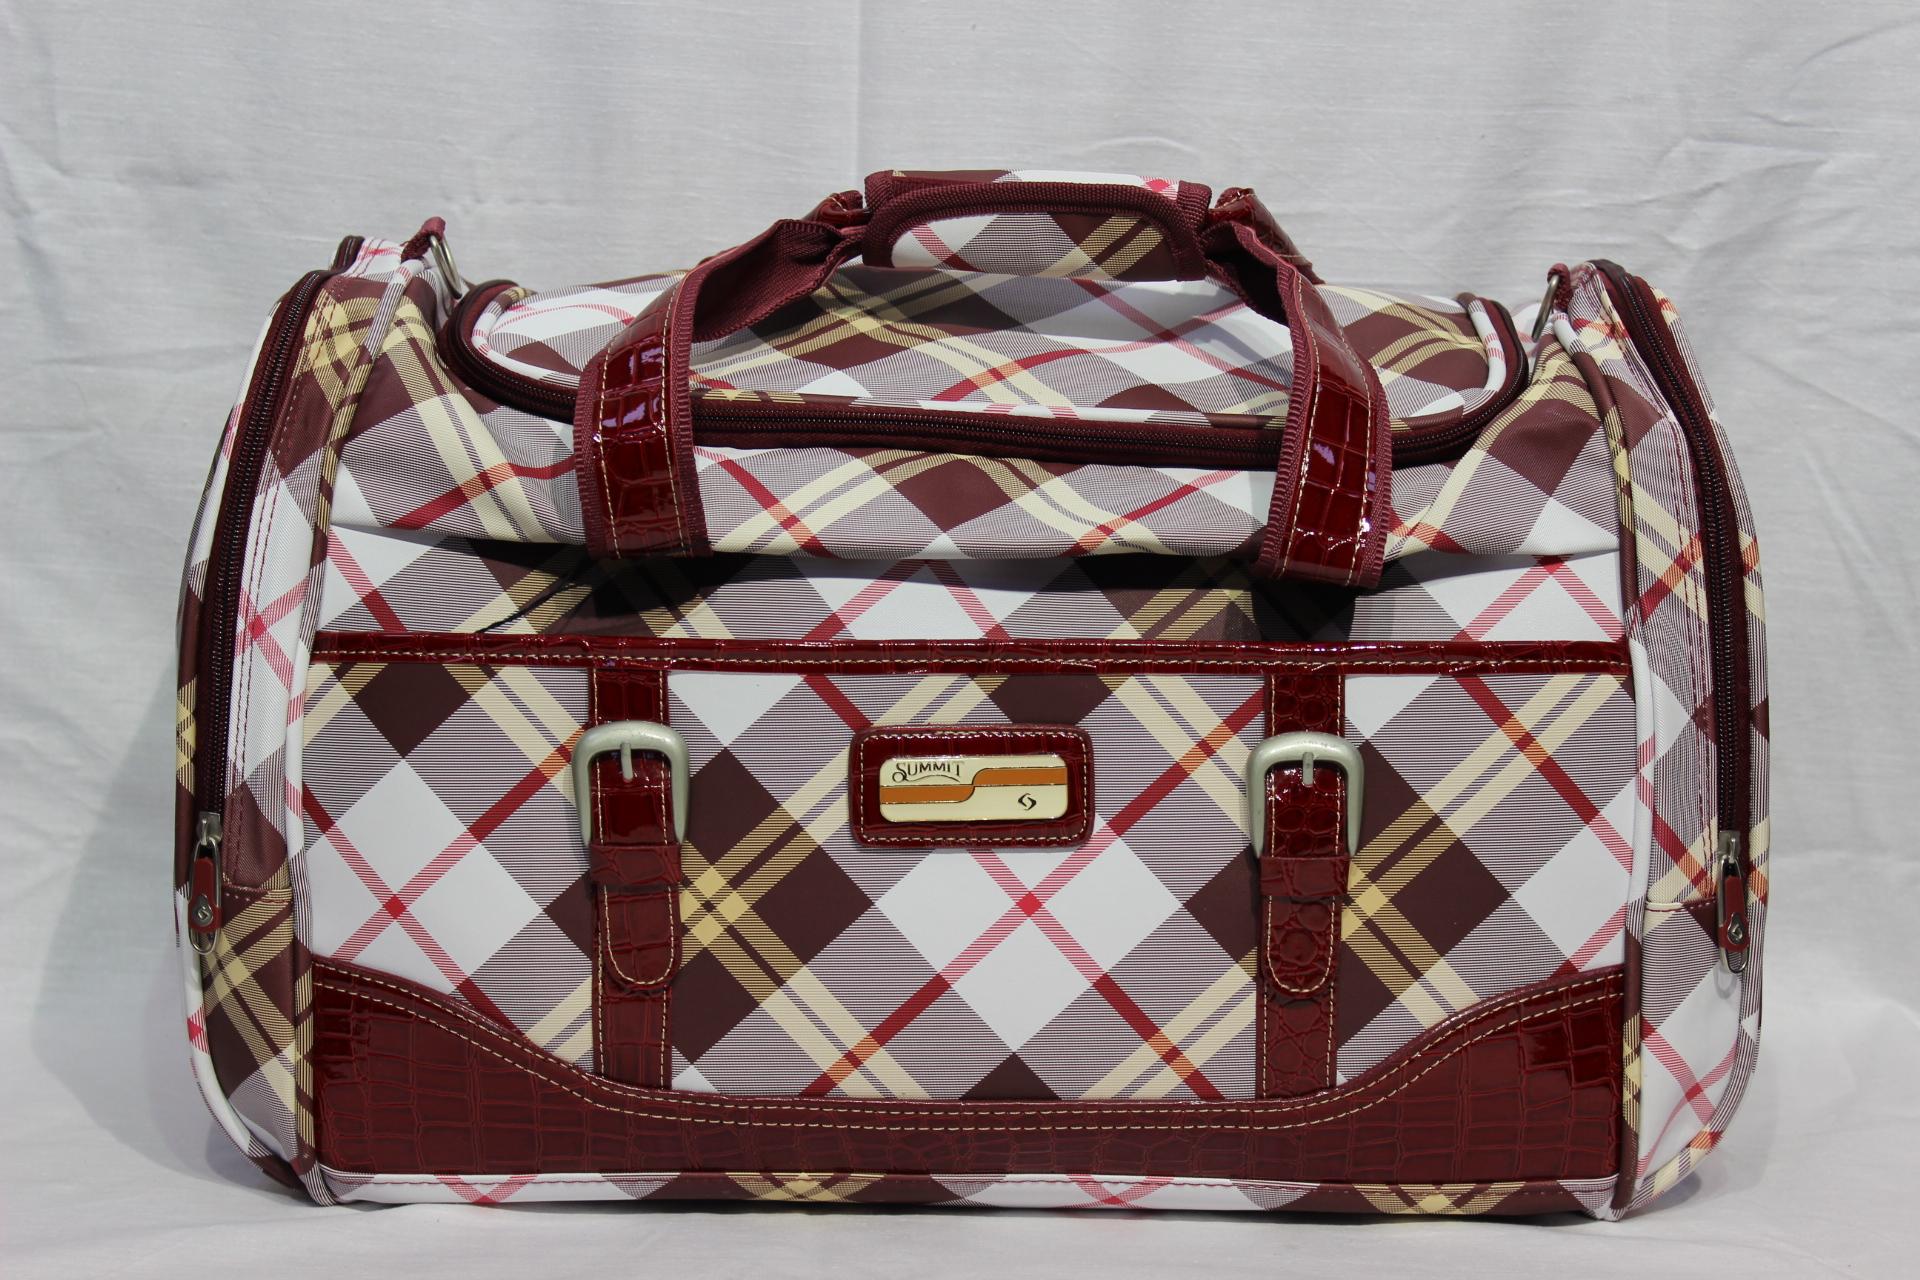 e6bff98cee10 Купить сумки для ручной клади недорого в Москве. Доставка.